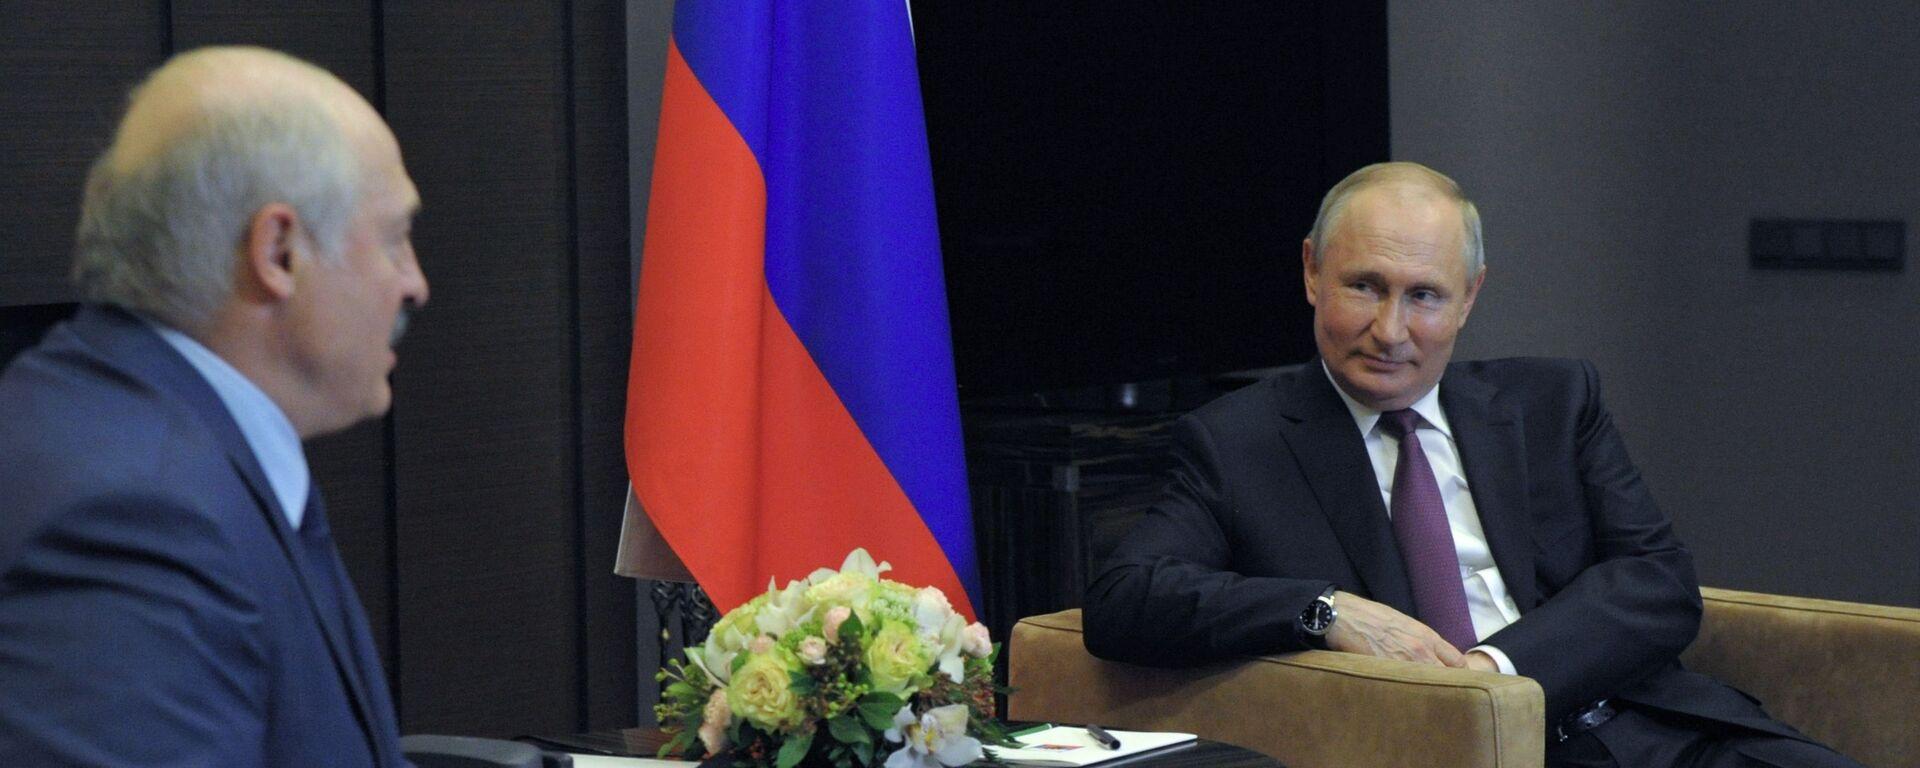 Президент РФ Владимир Путин и президент Беларуси Александр Лукашенко (слева) во время встречи в Сочи, 28 мая 2021 - Sputnik Латвия, 1920, 28.05.2021